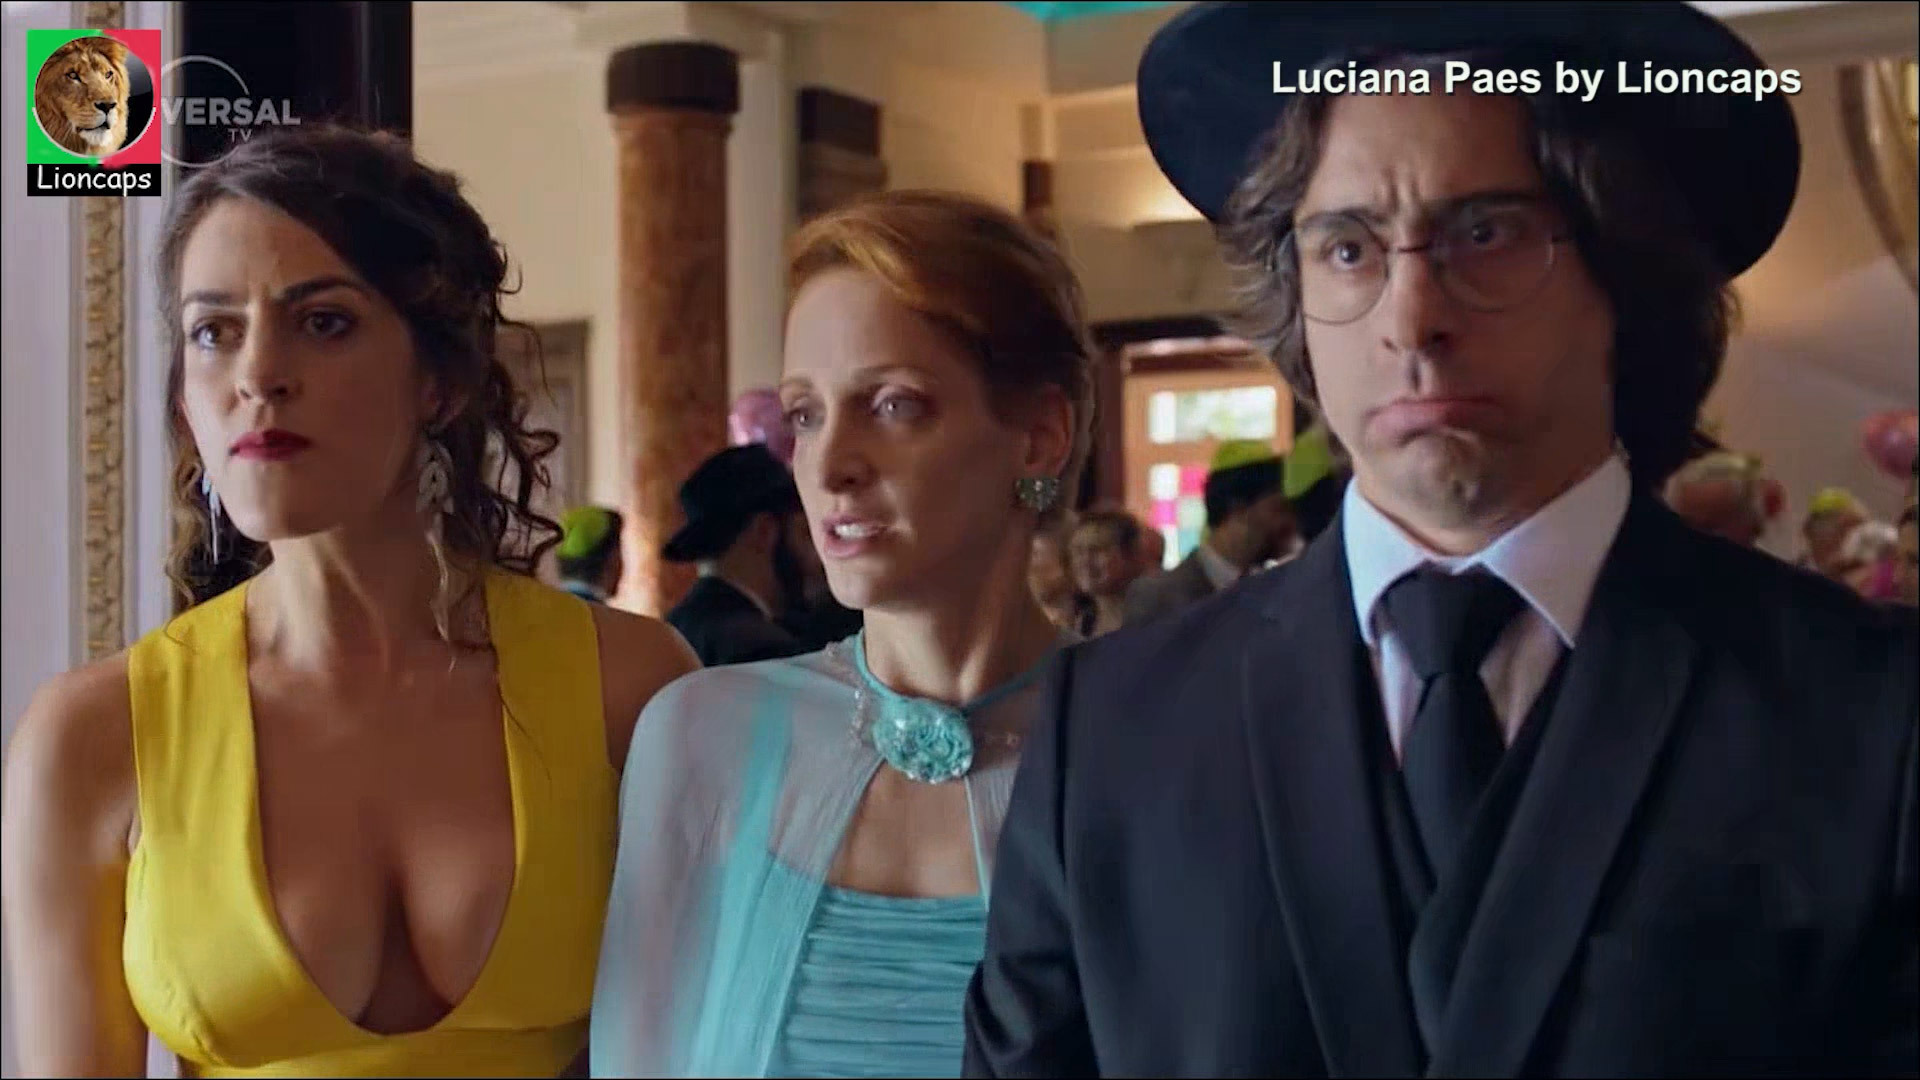 luciana_paes_amigo_aluguel_lioncaps_04_10_2020 (4).jpg